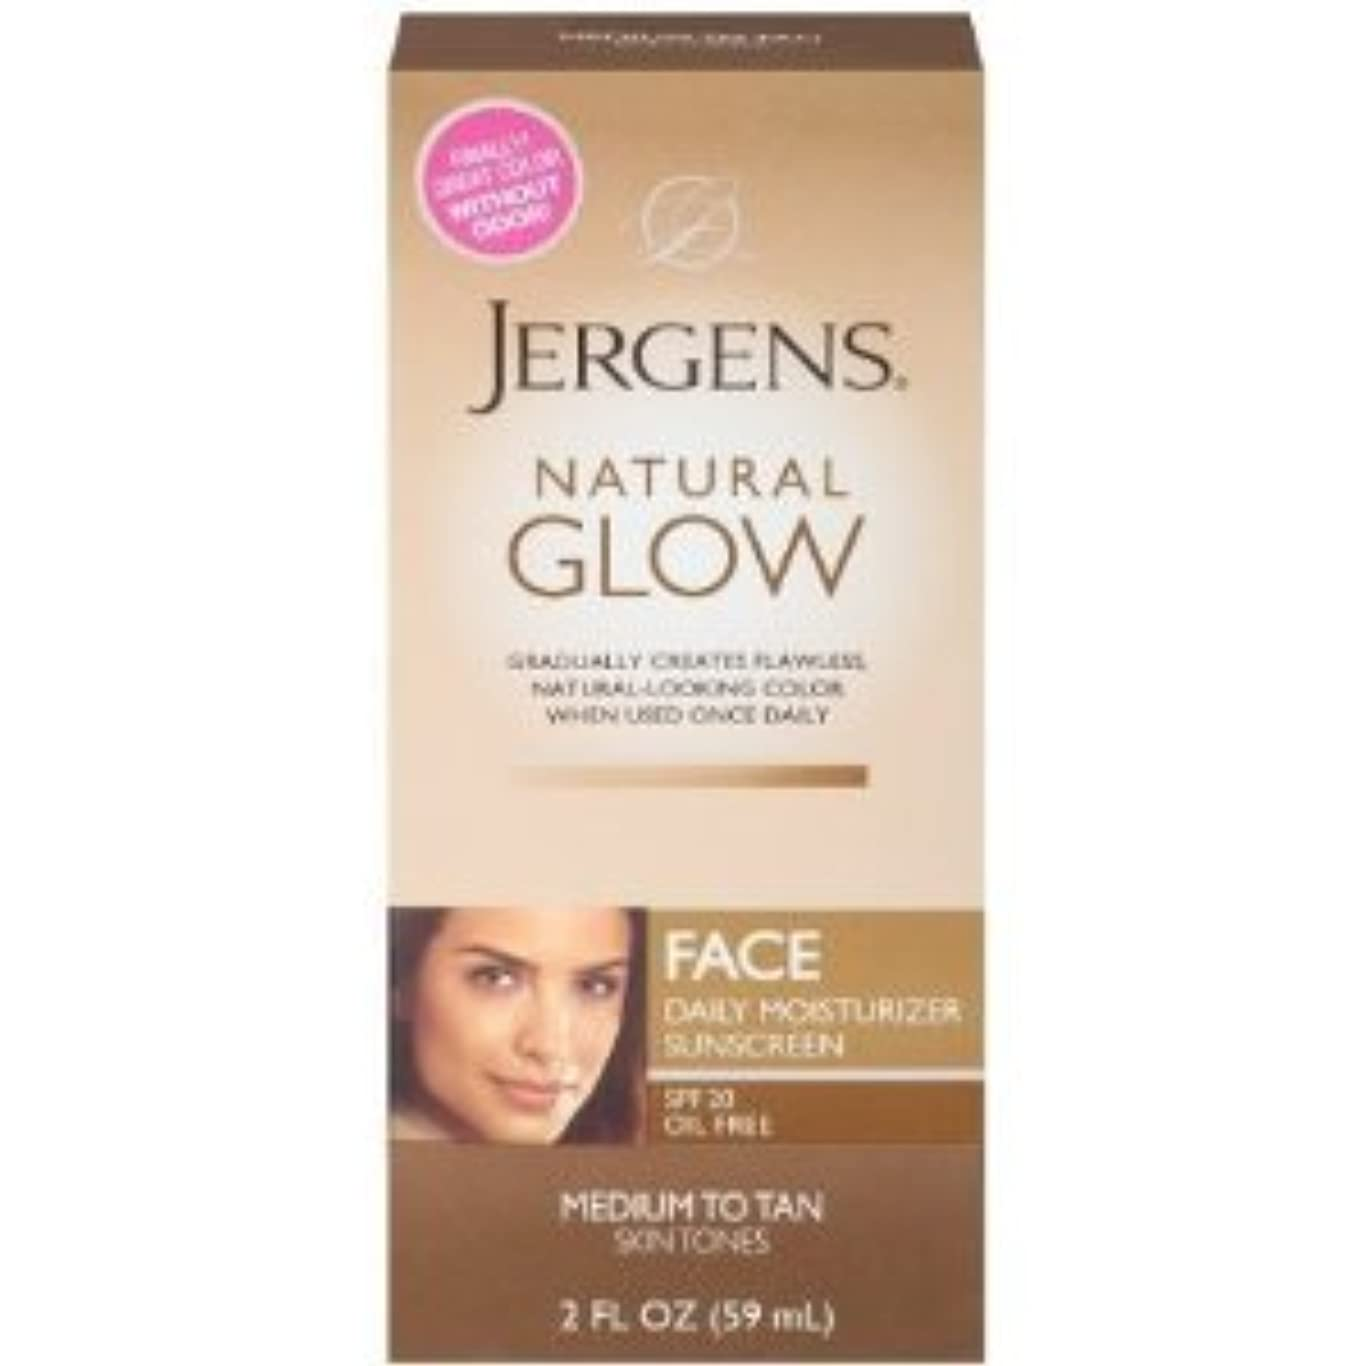 輸血量ボウリングNatural Glow Healthy Complexion Daily Facial Moisturizer, SPF 20, Medium to Tan, (59ml) (海外直送品)